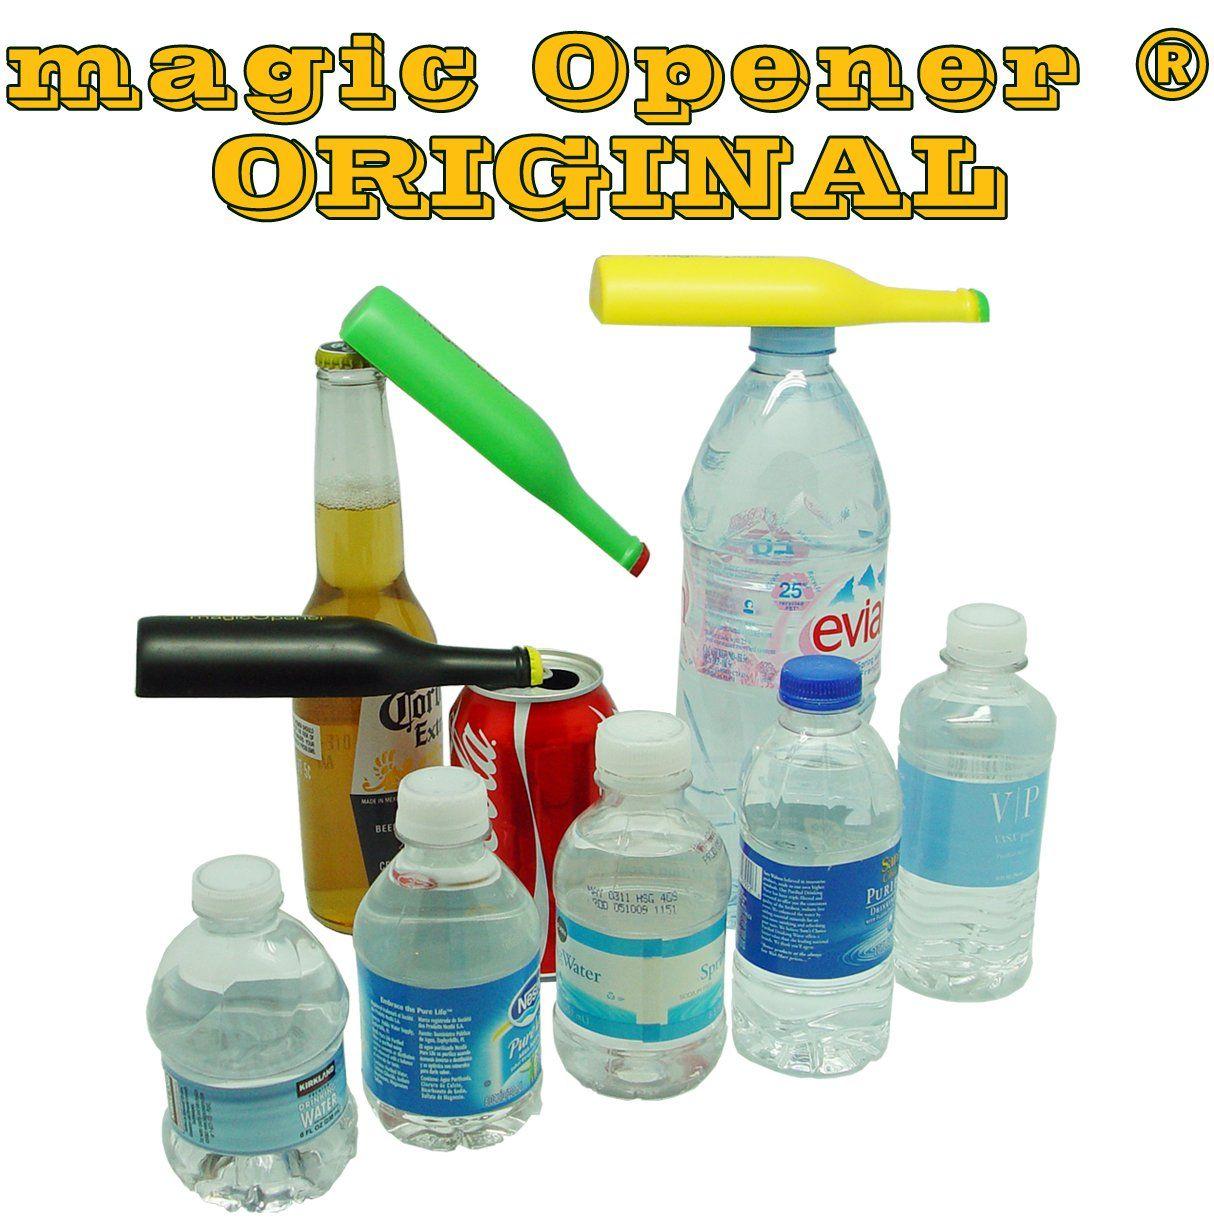 magic Opener ORIGINAL 3 in 1 Bottle Opener